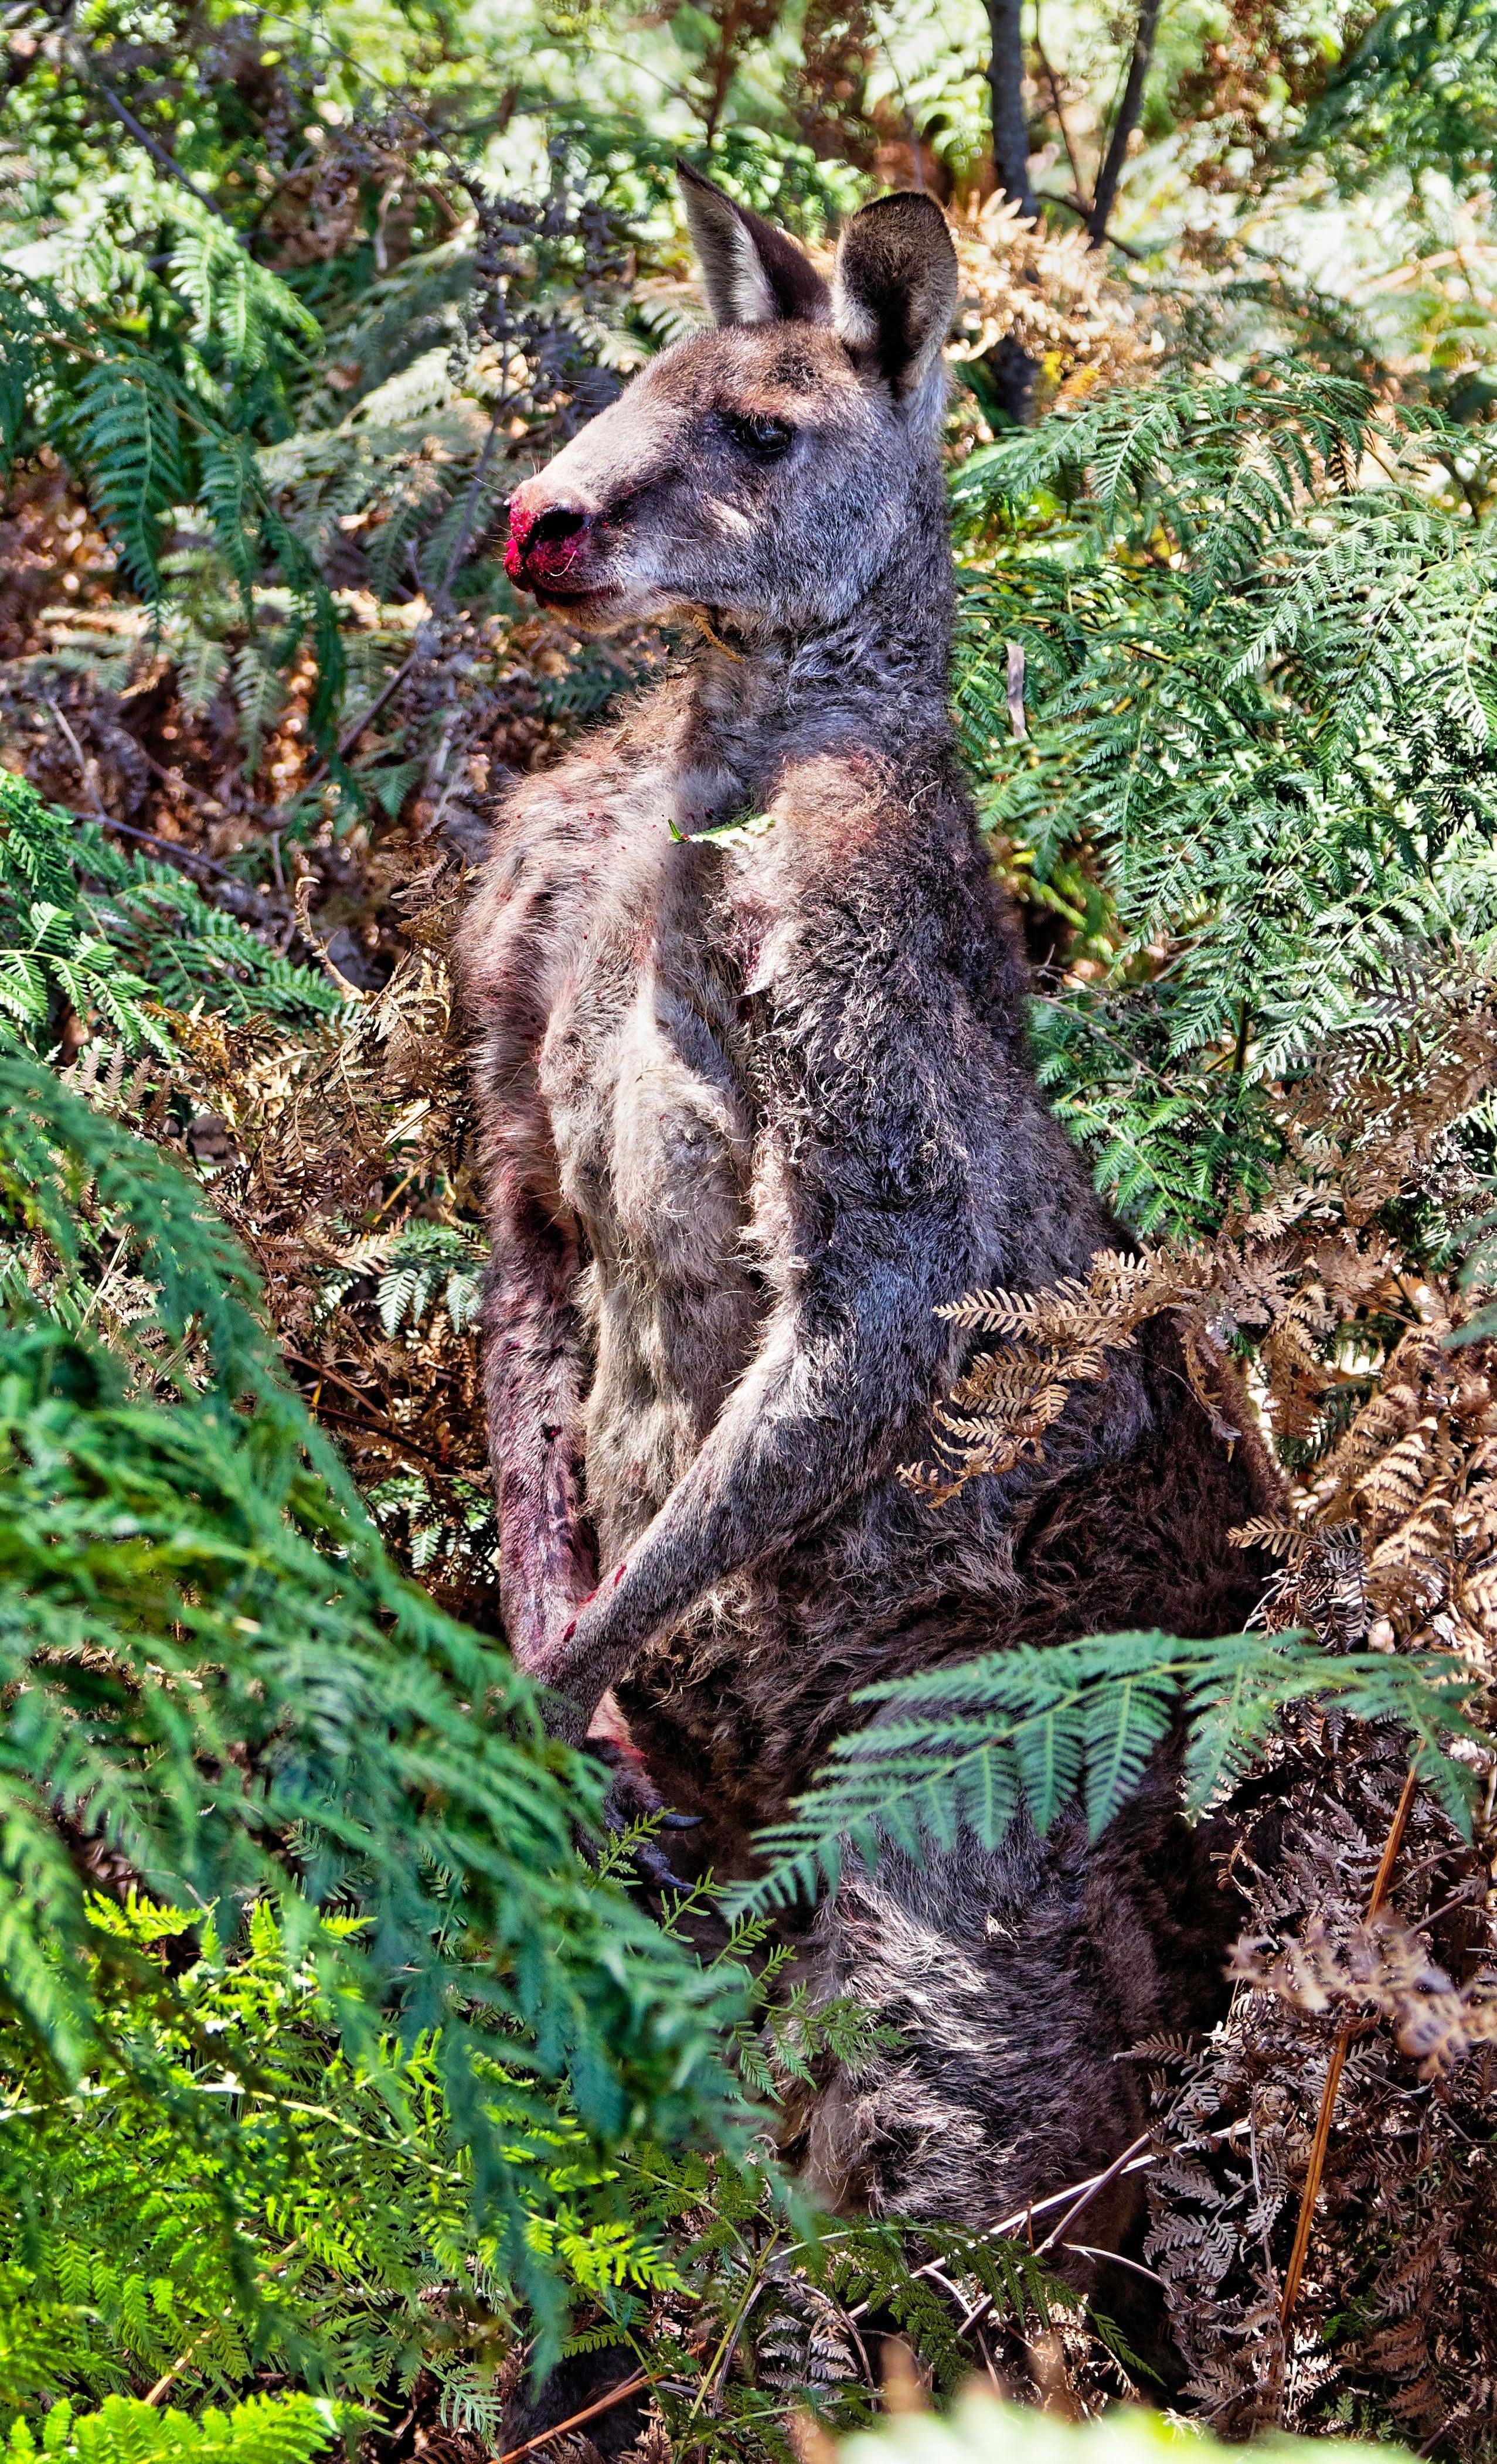 Kangaroo-1-detail.jpeg